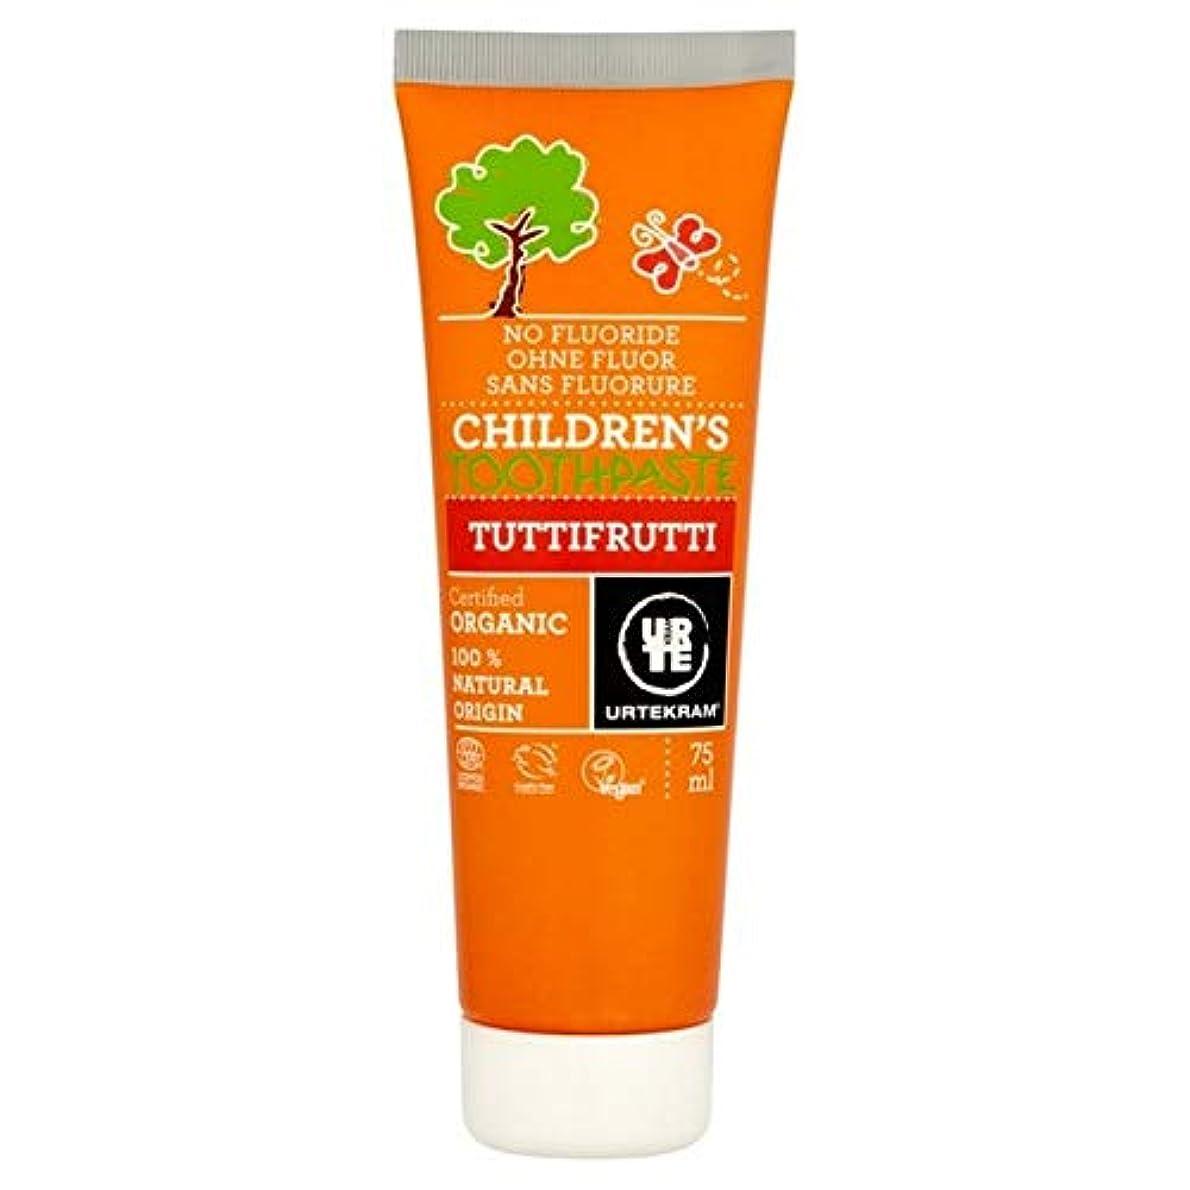 破壊的なスキニー医師[Urtekram] Urtekram子供のトゥッティフルッティの歯磨き粉75ミリリットル - Urtekram Children's Tutti Frutti Toothpaste 75ml [並行輸入品]